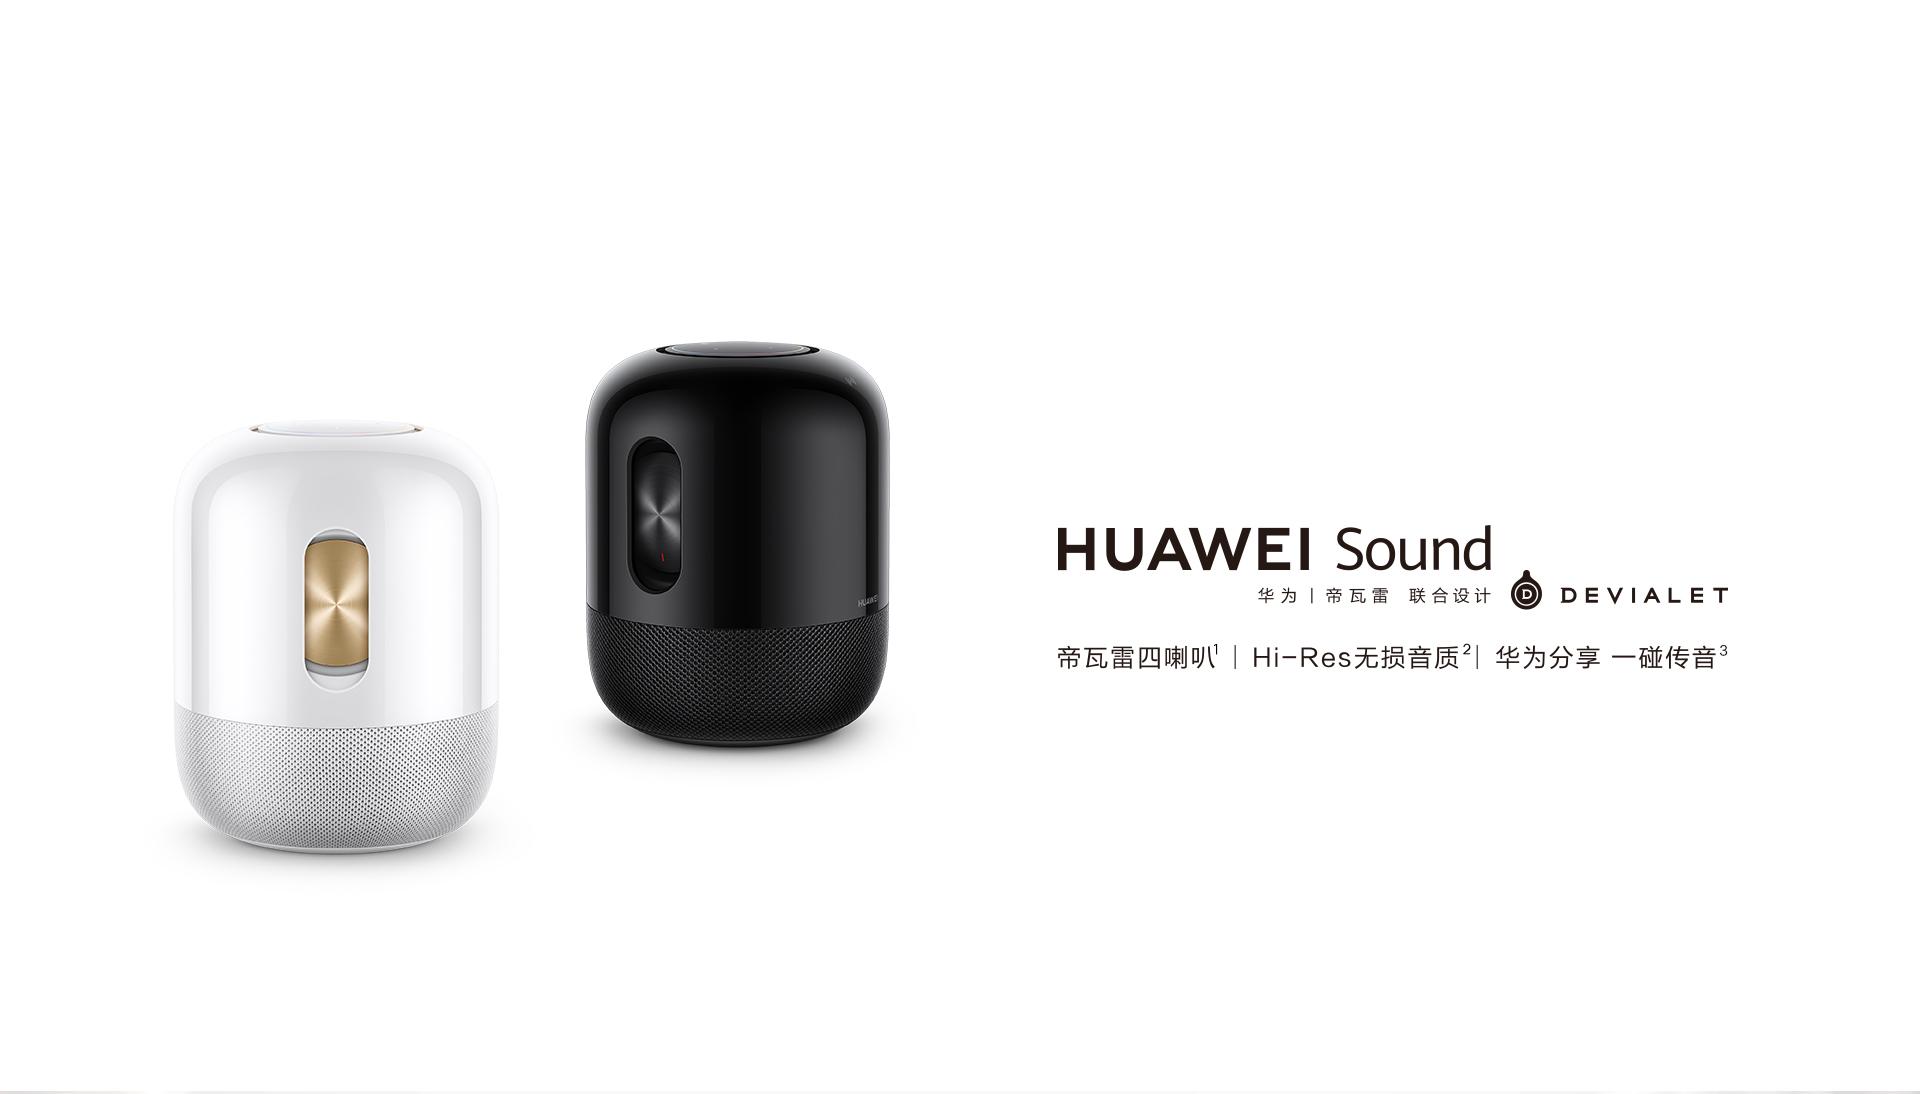 帝瓦雷联合设计,华为 Sound 智能音箱今日发布,售价999元